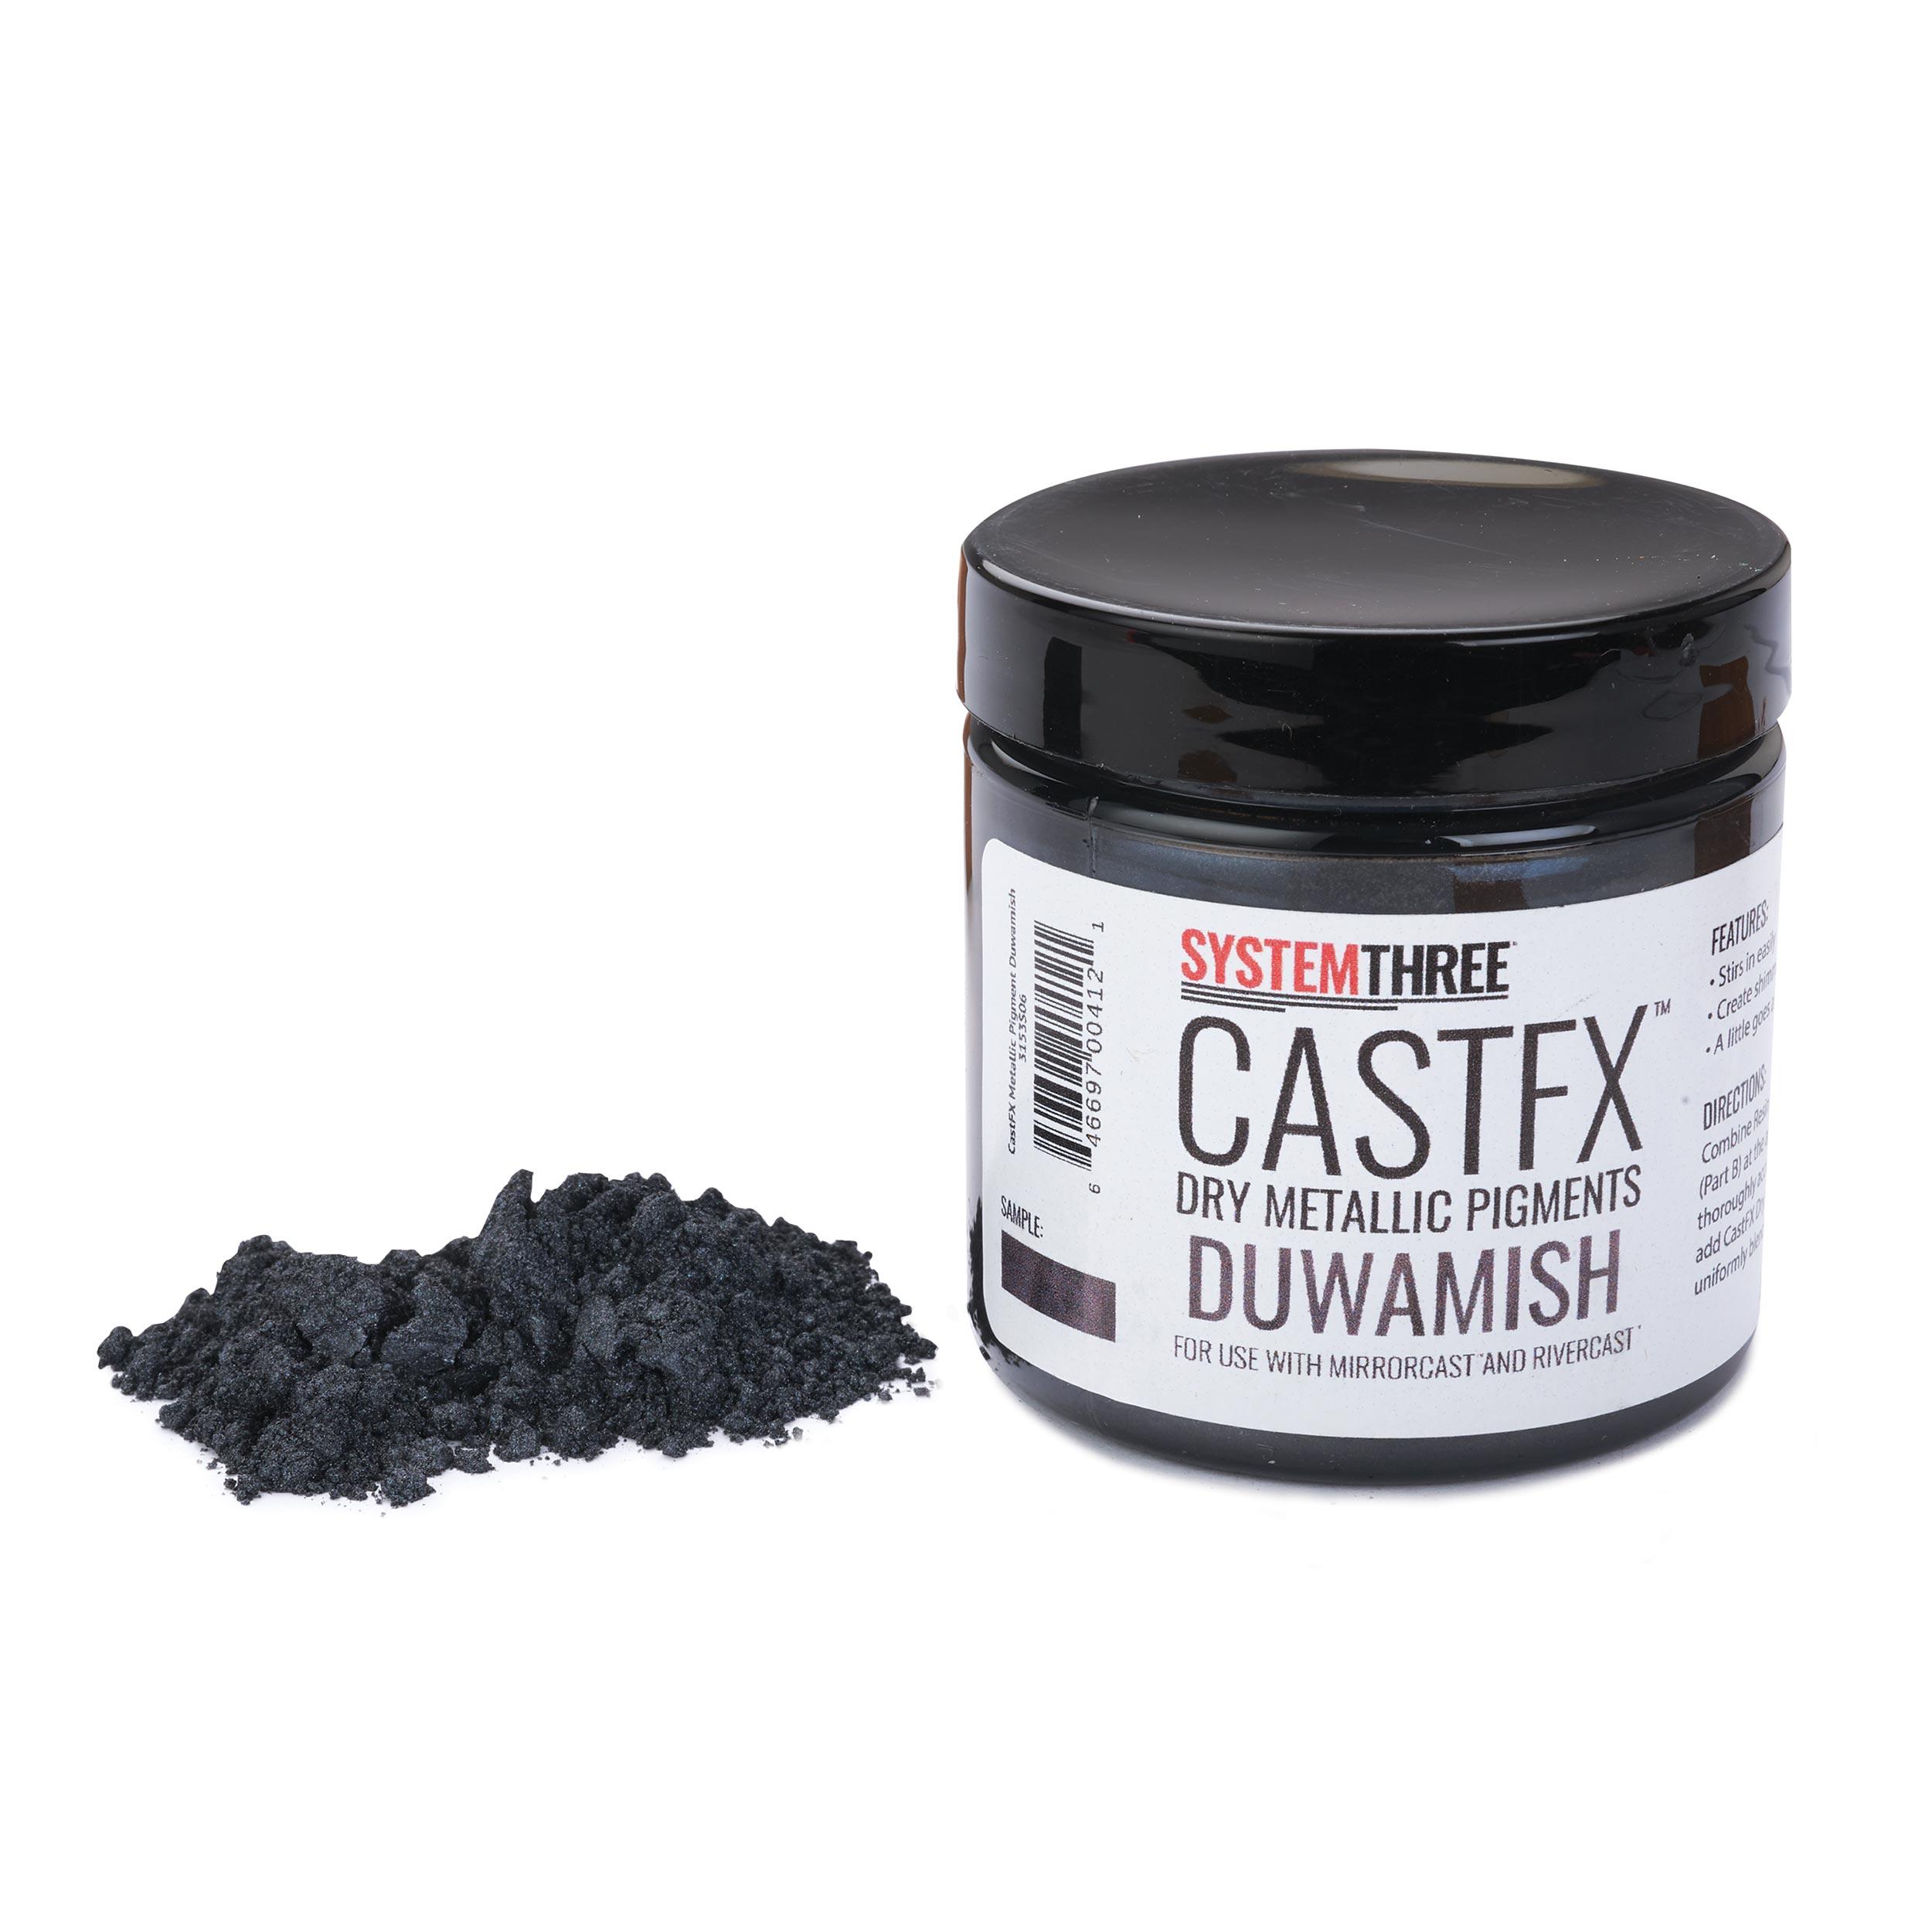 CASTFX DUWAMISH Dry Pigment, 45-GRAMS